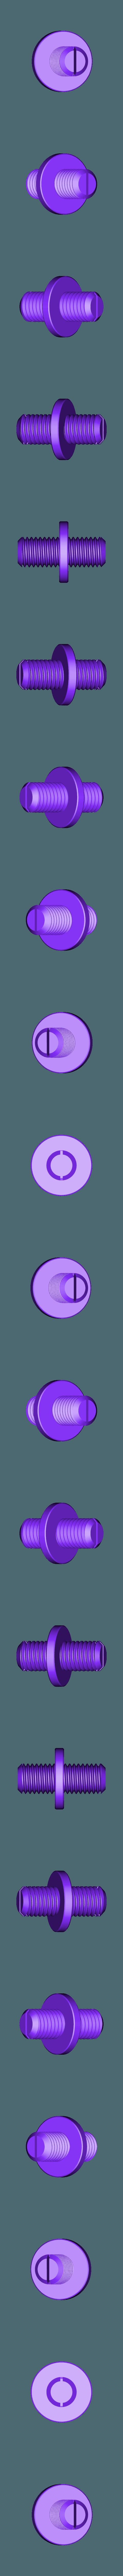 parallel_spool_holder-pin-distancer_v3.stl Download STL file Modular (Endless) Spool Holder • 3D print template, Saran